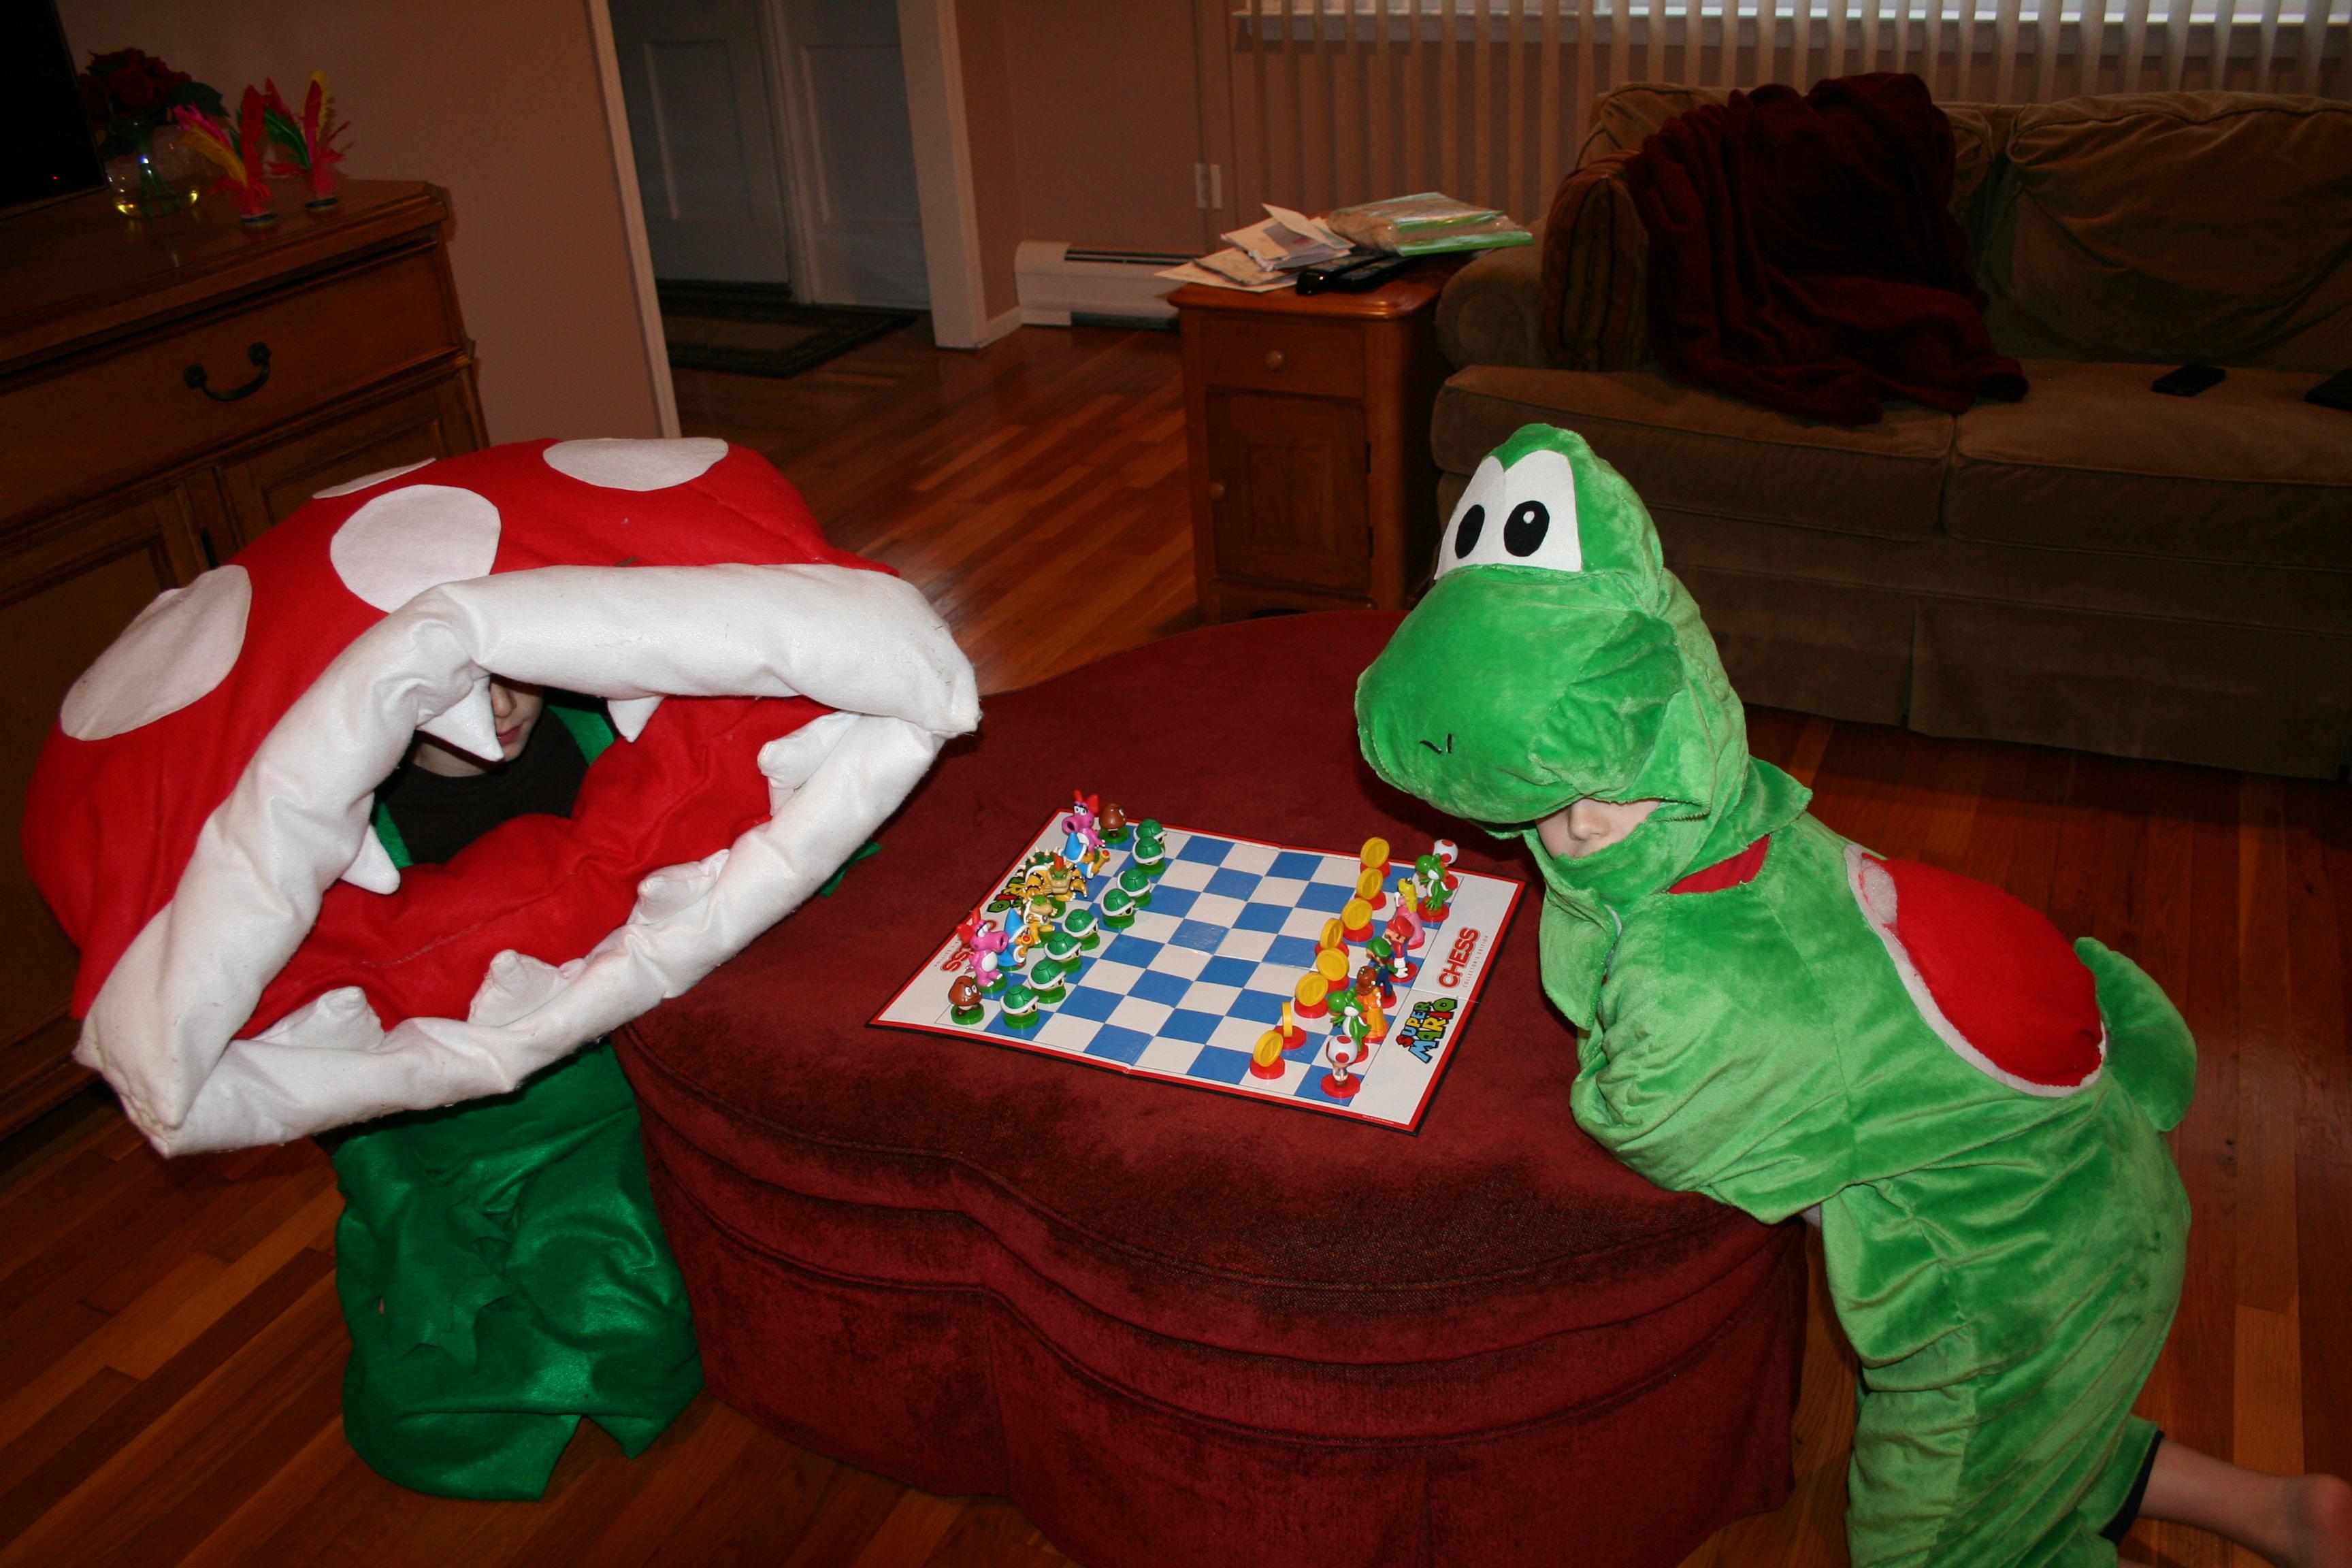 Super Mario Chess Yoshi Piranha Plant